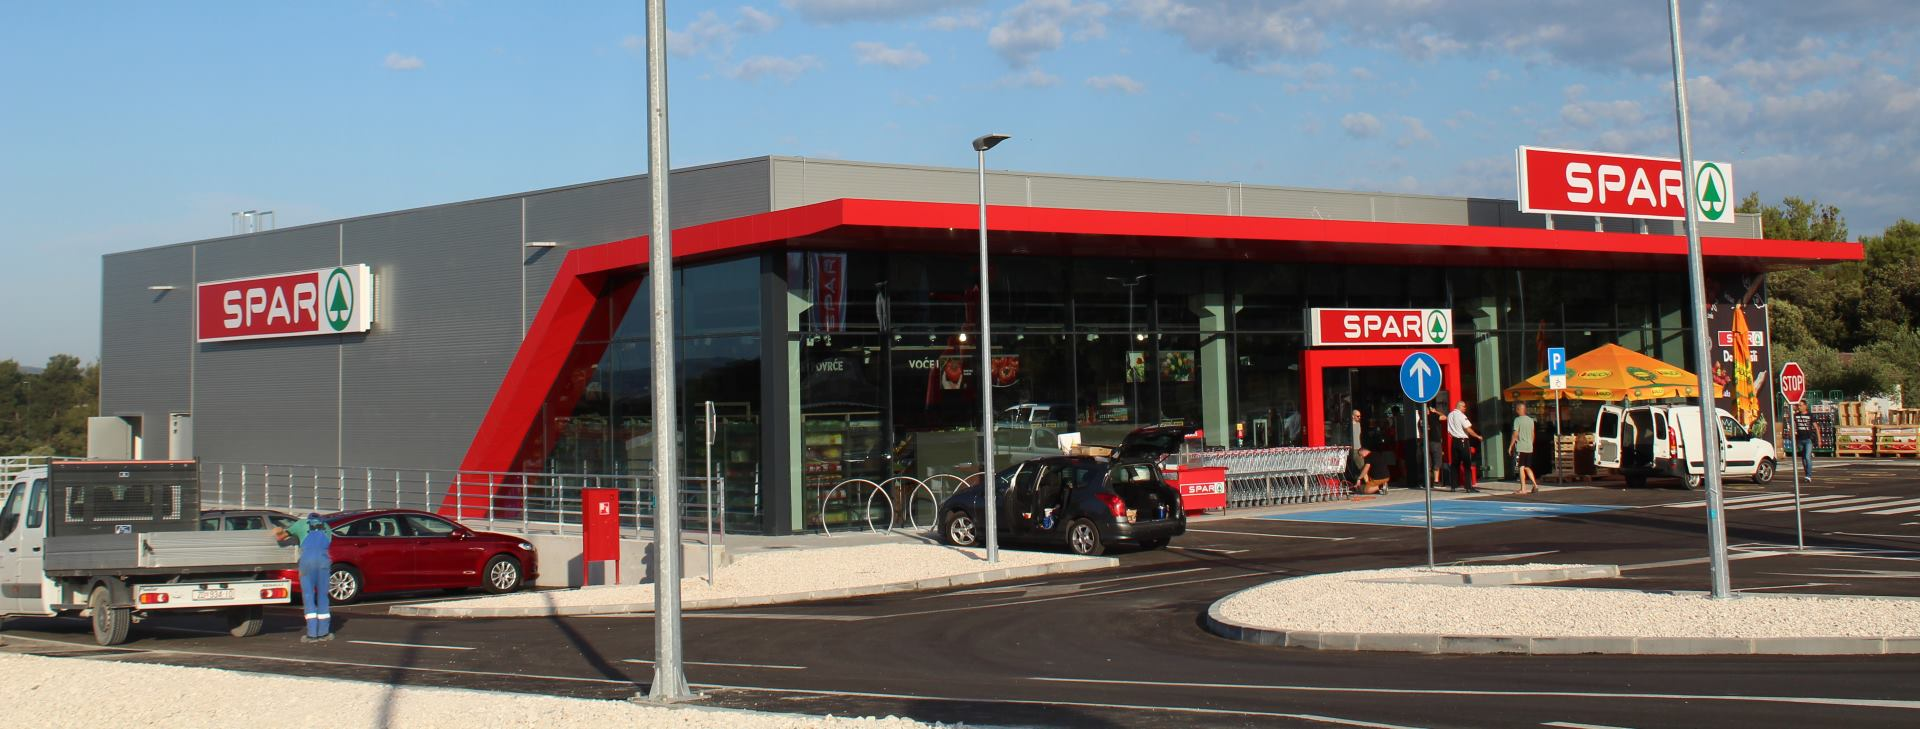 SPAR Hrvatska nastavlja sa širenjem prodajne mreže u Dalmaciji